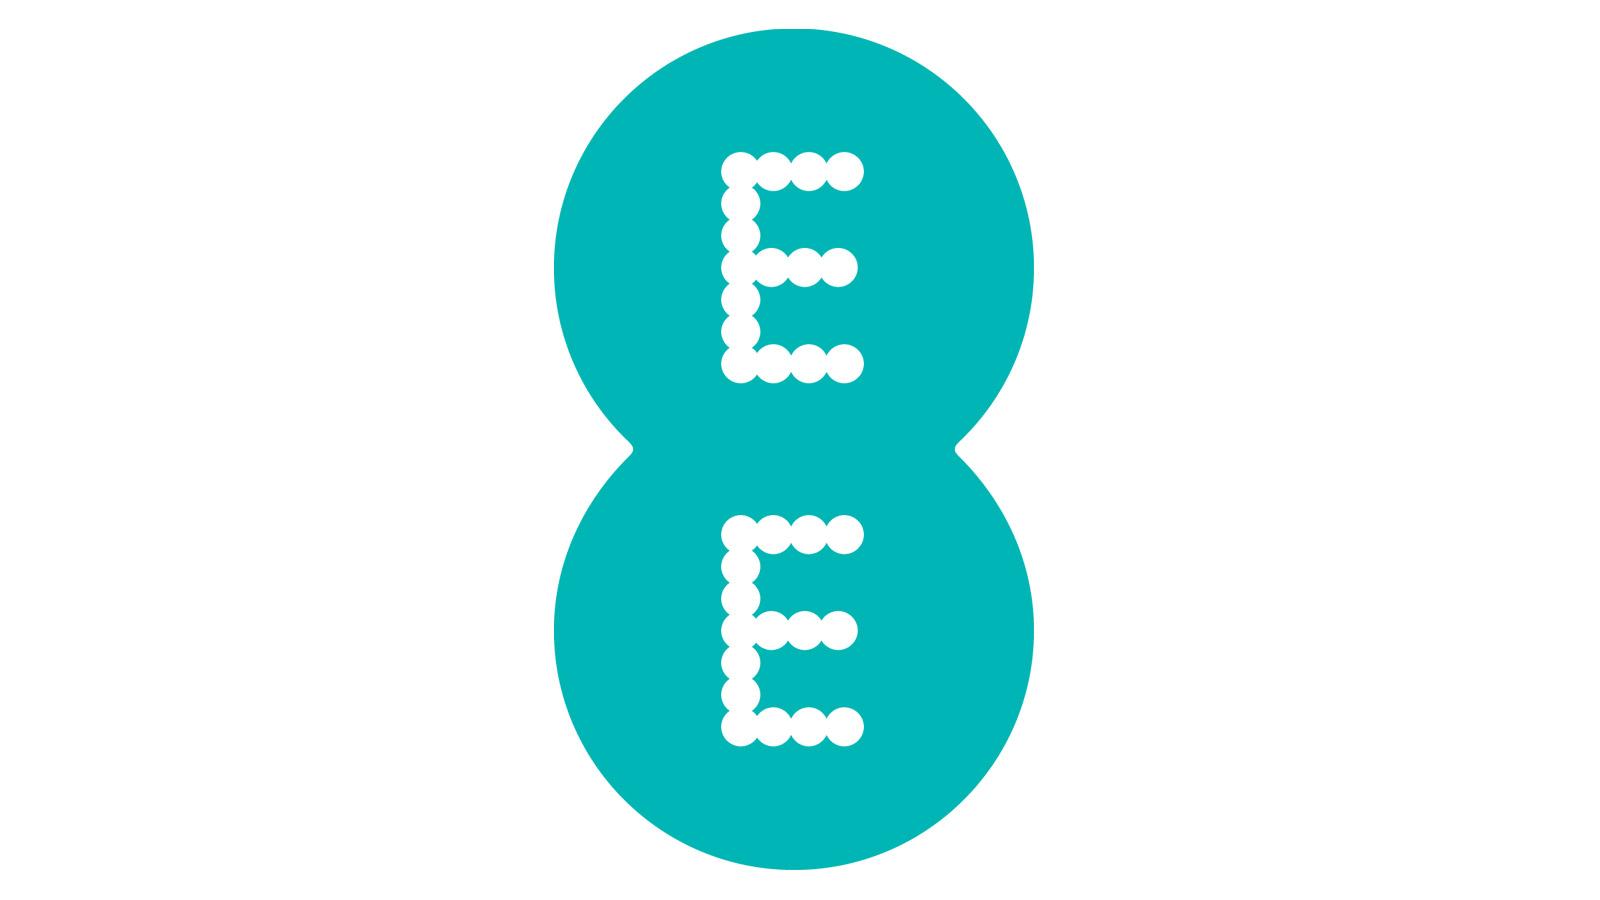 wwwee